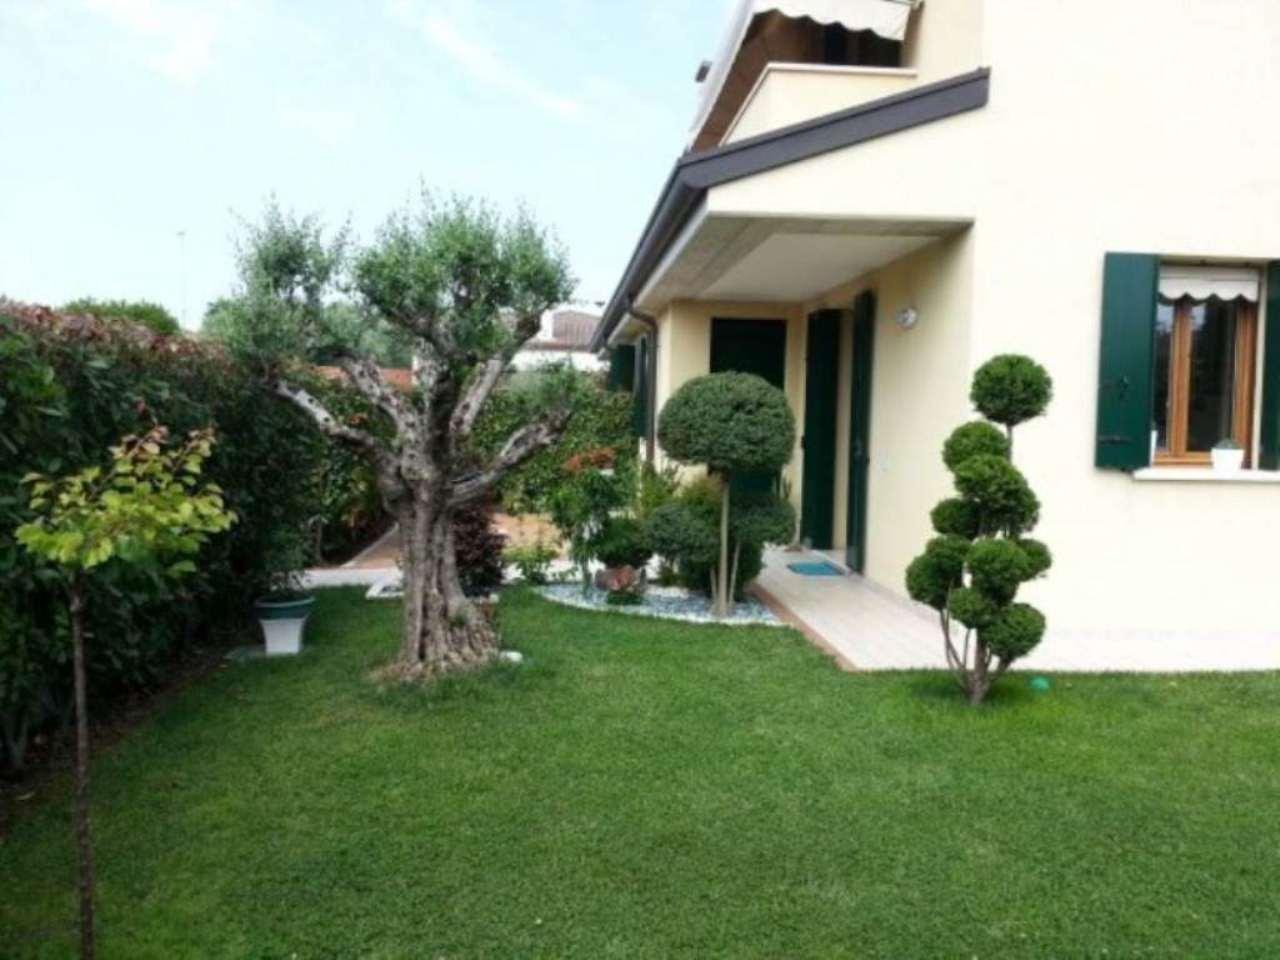 Villa in vendita a Spinea, 6 locali, prezzo € 325.000 | Cambio Casa.it